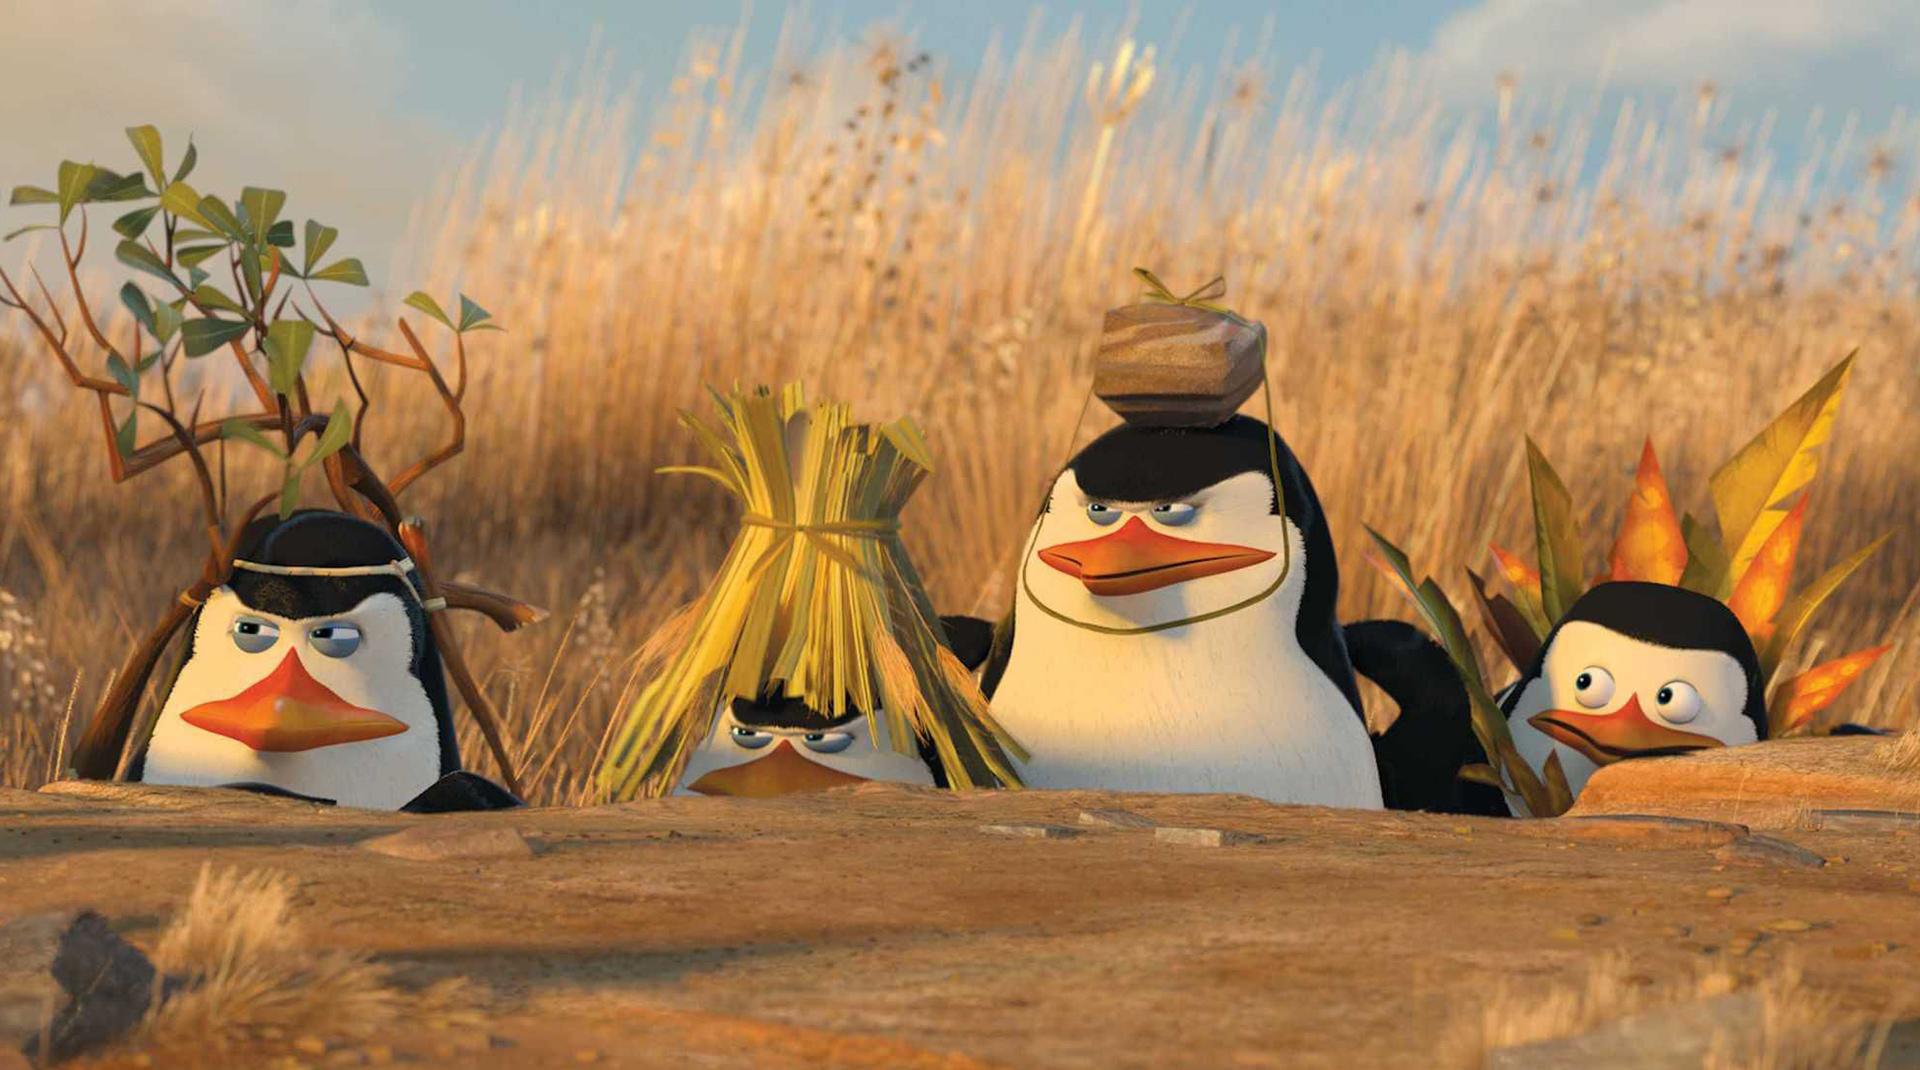 Фильтр «Пингвин»: как не попасть под ограничения, и что делать, если его уже наложили